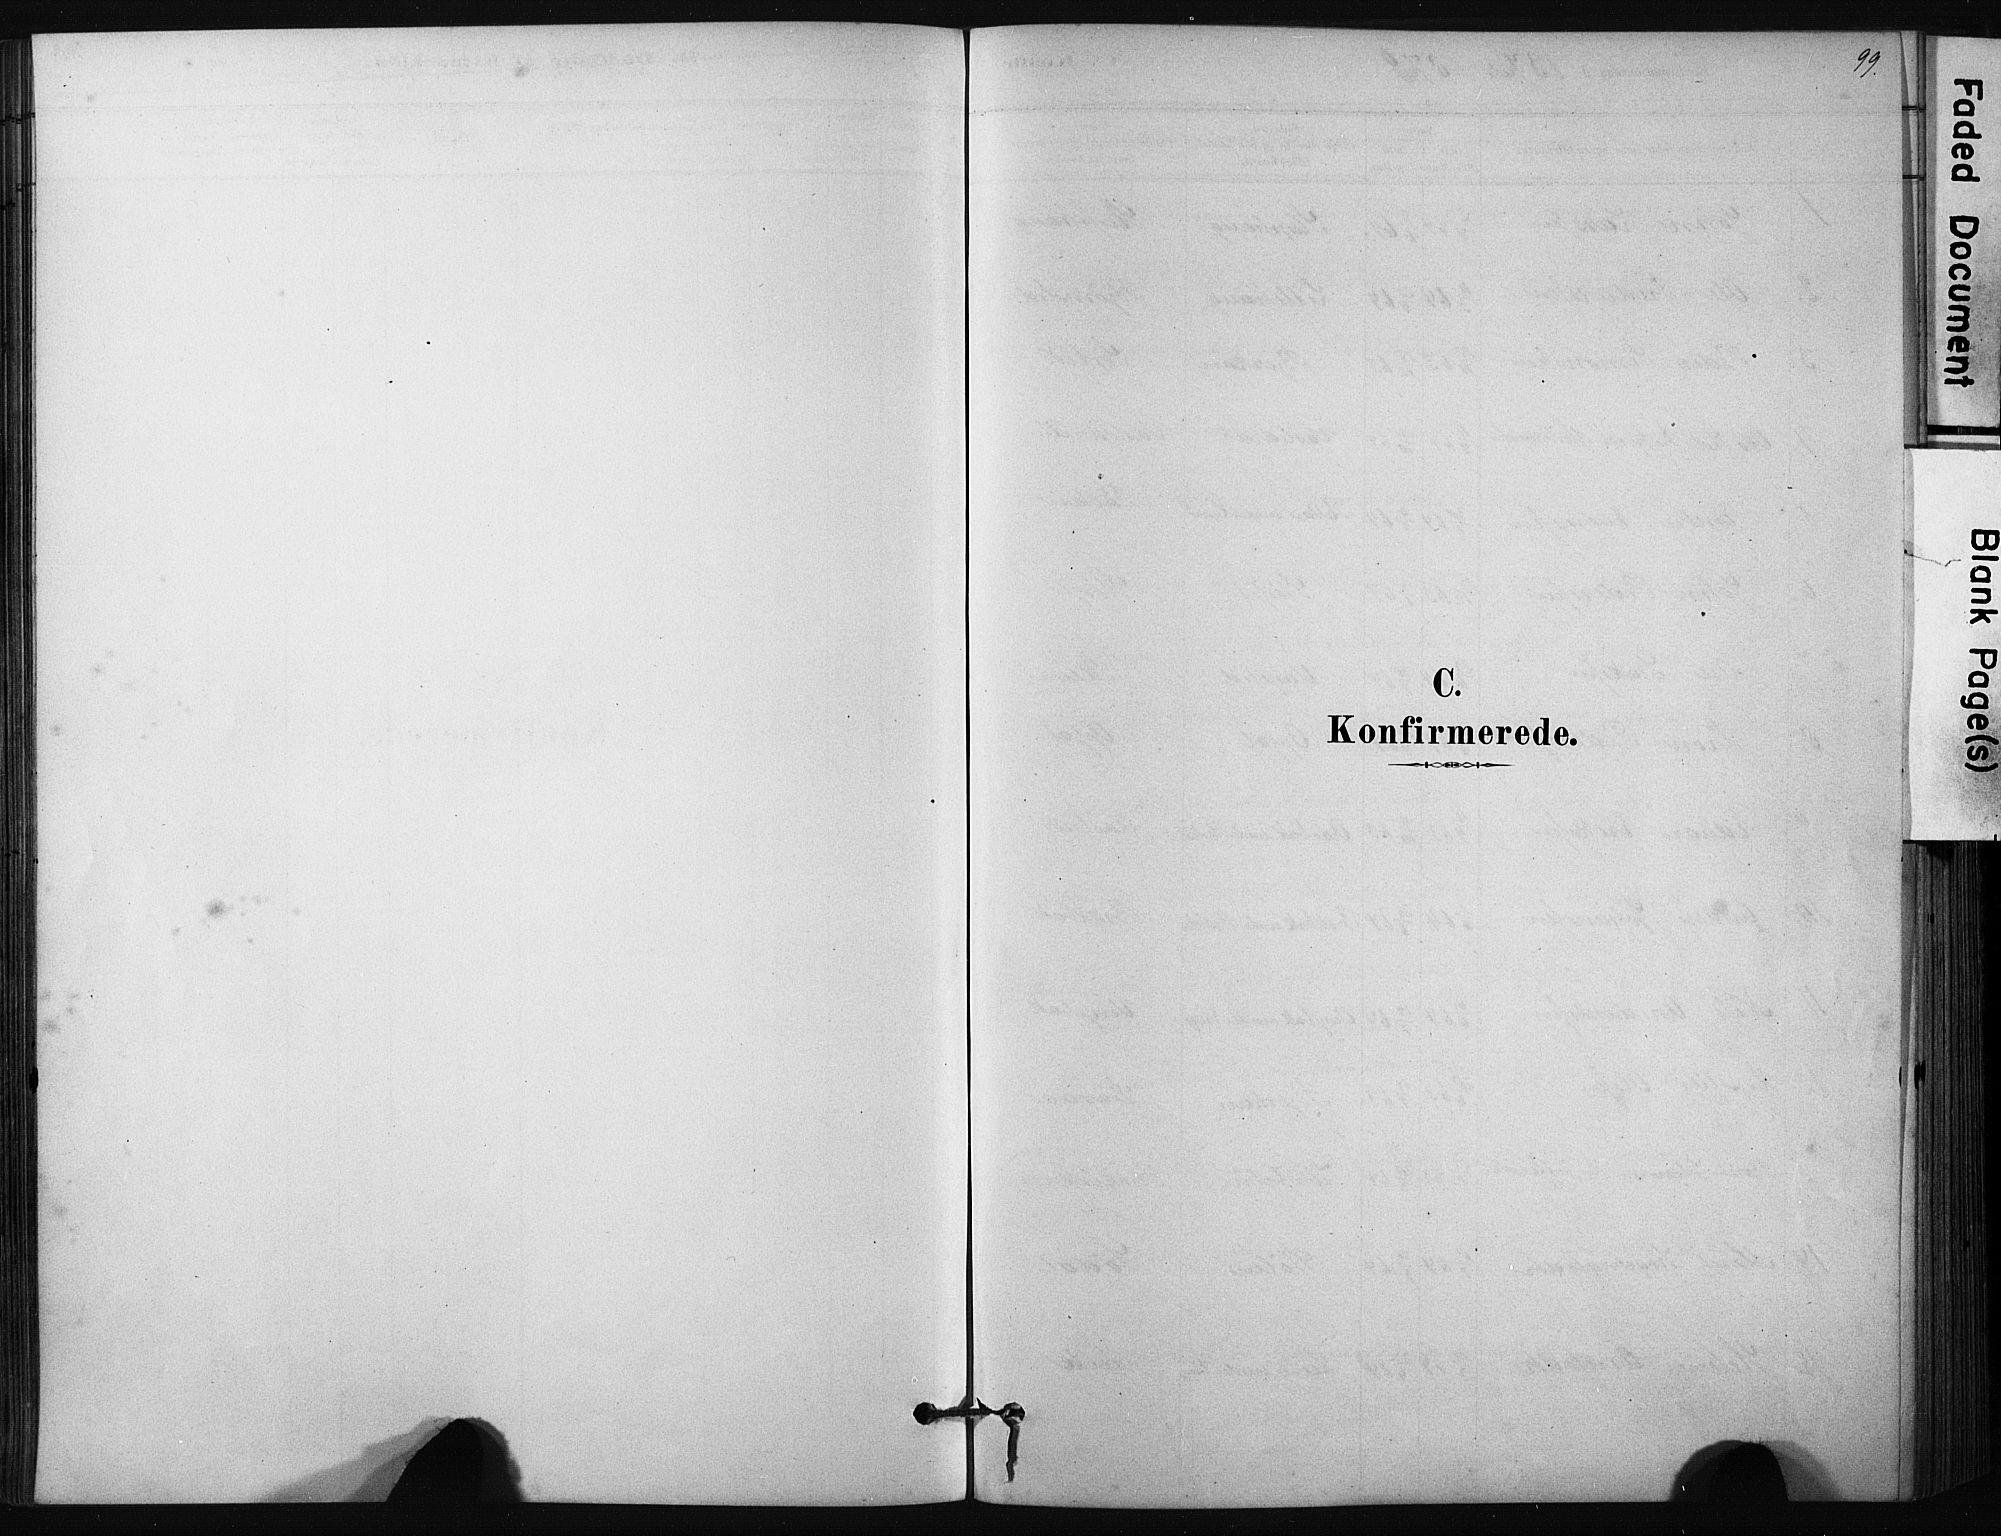 SAT, Ministerialprotokoller, klokkerbøker og fødselsregistre - Sør-Trøndelag, 631/L0512: Ministerialbok nr. 631A01, 1879-1912, s. 99